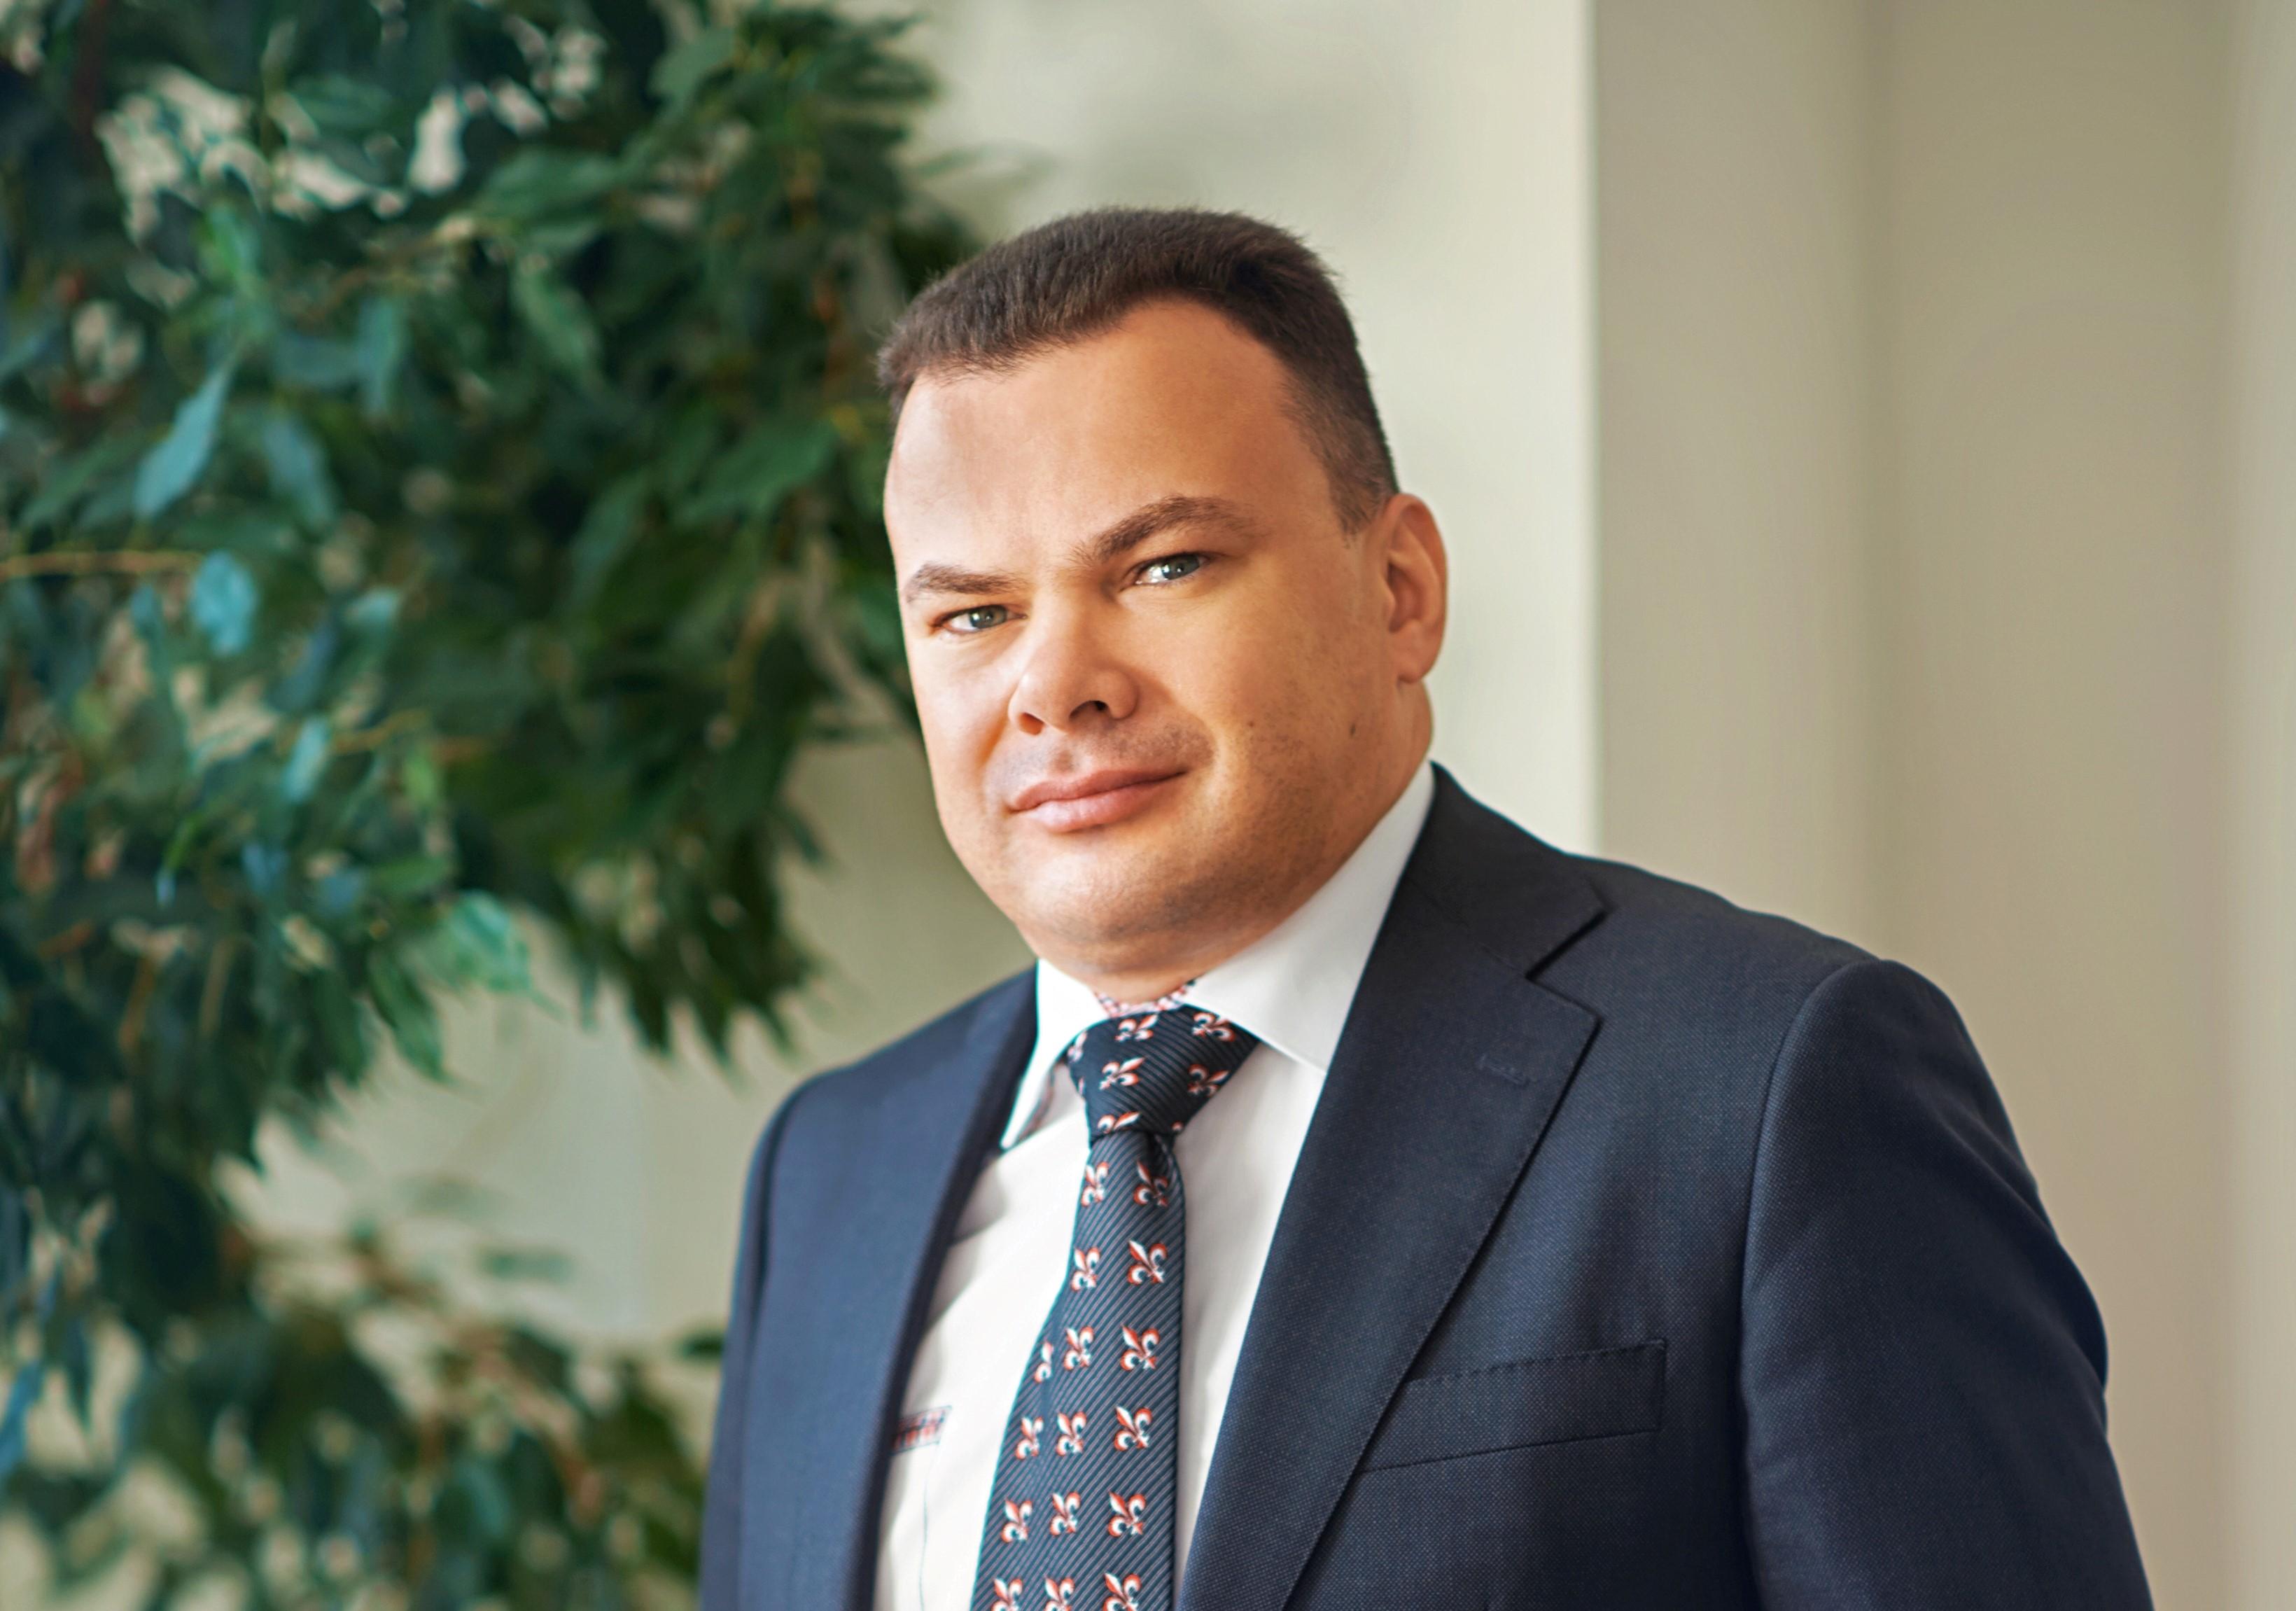 Итоги и прогнозы от банка «Нейва»: бум кредитования, «огосударствление» рынка и изменения в банковском законодательстве